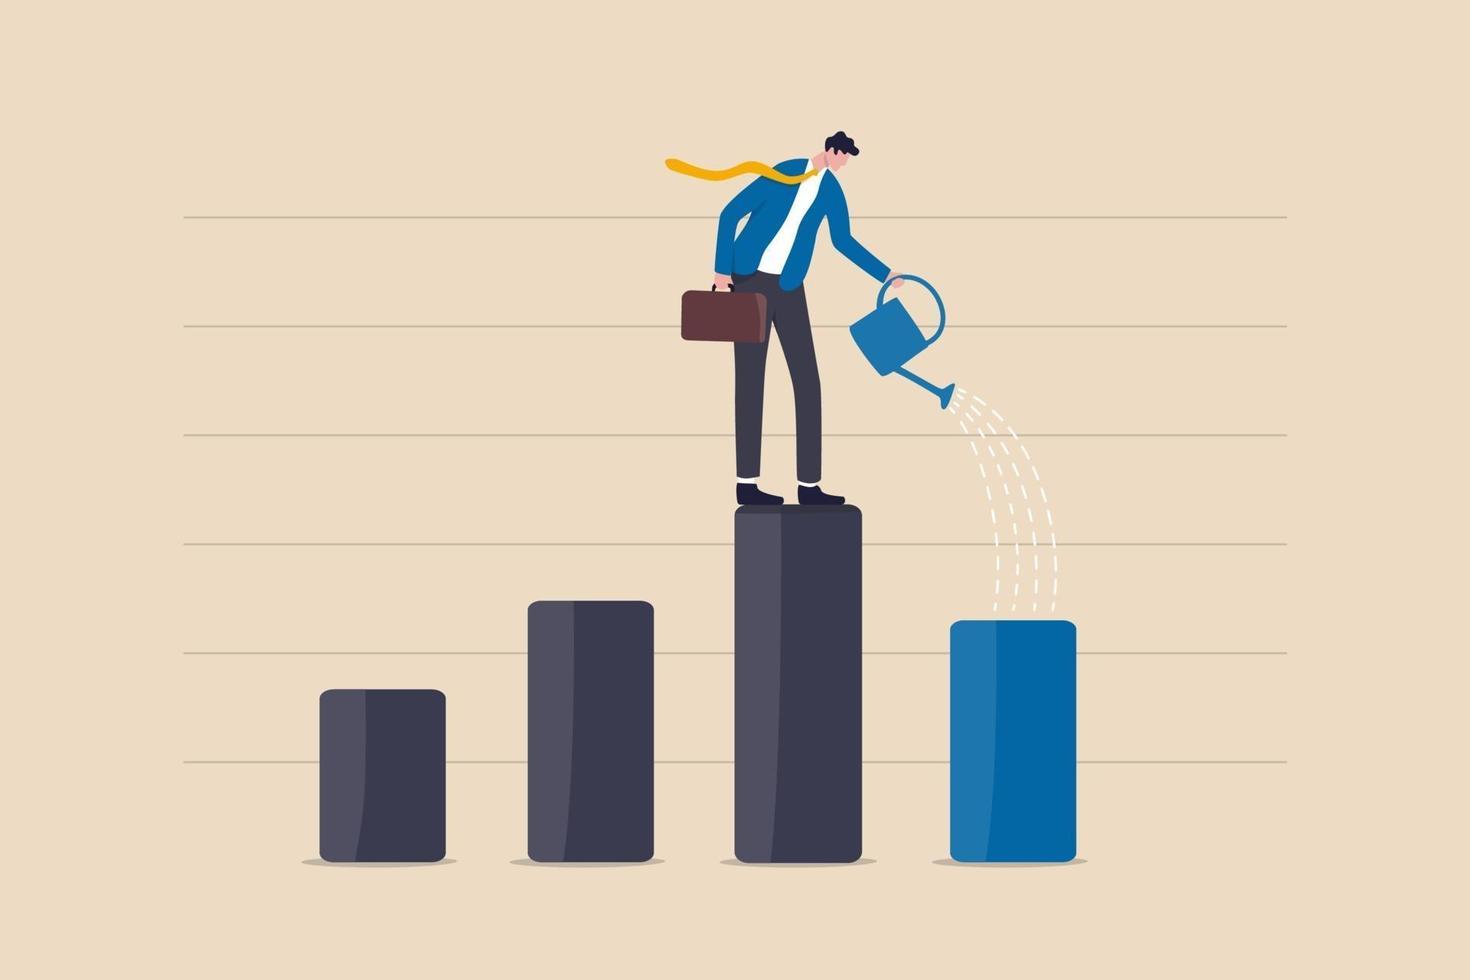 ripresa economica con stimolo monetario, leadership per far crescere il business, crescita degli investimenti o profitto e concetto di guadagno vettore